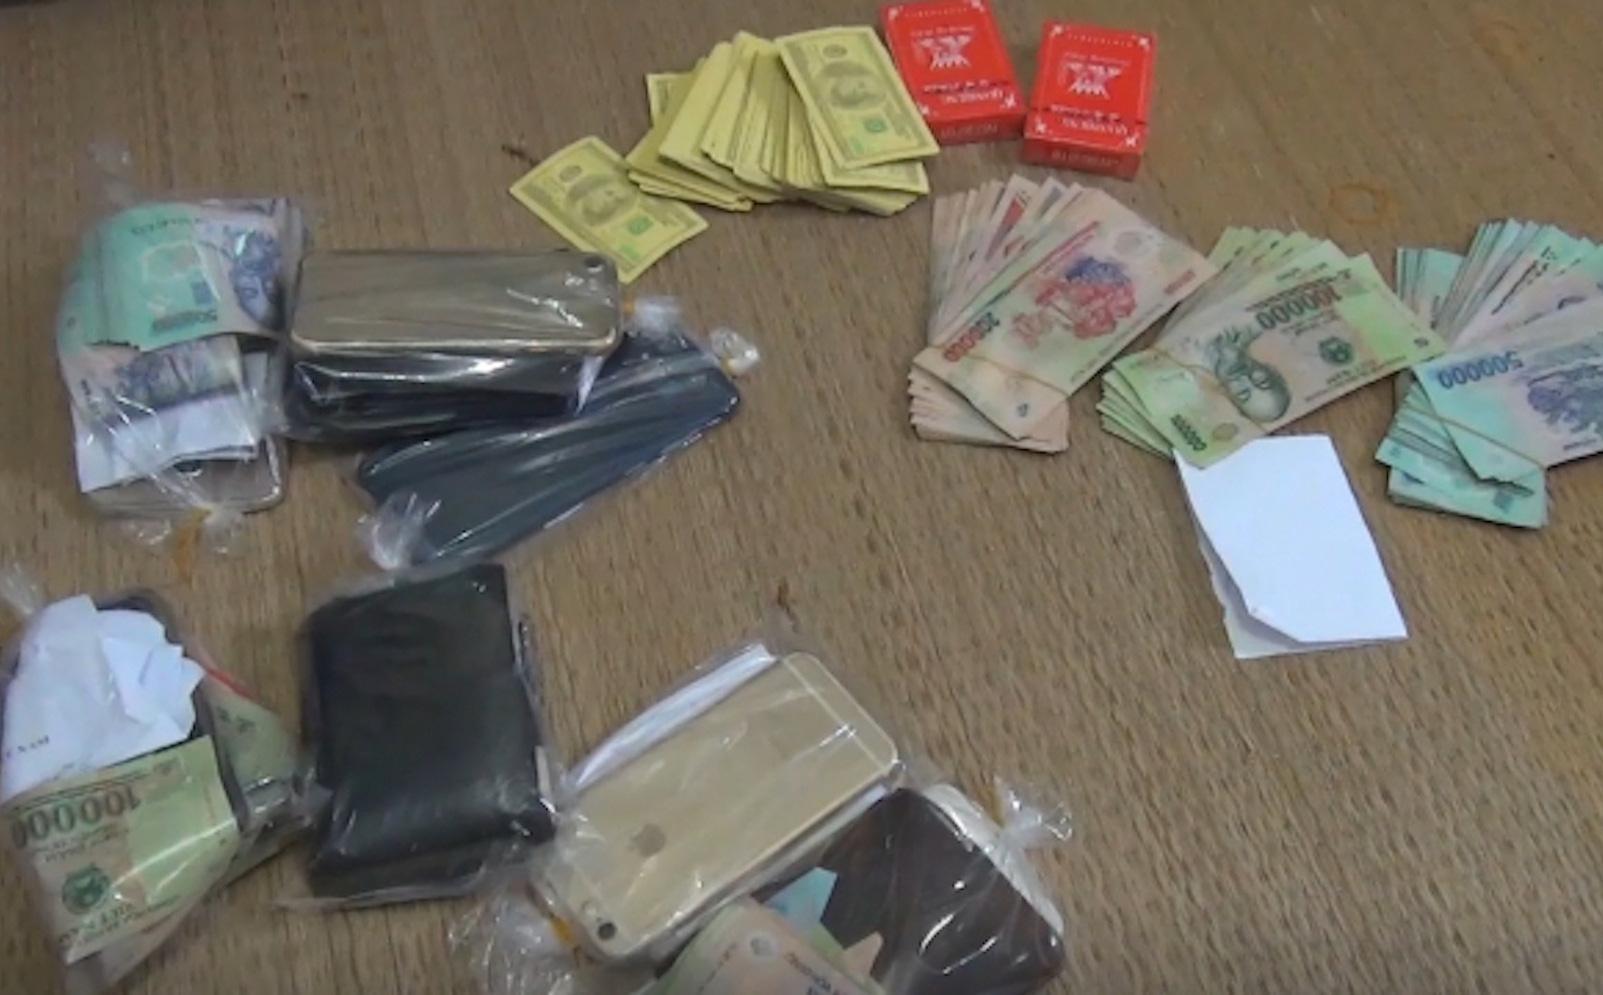 CA Thanh Hóa: Phó Chủ tịch huyện bị bắt quả tang đánh bạc tại phòng làm việc riêng ở Uỷ ban